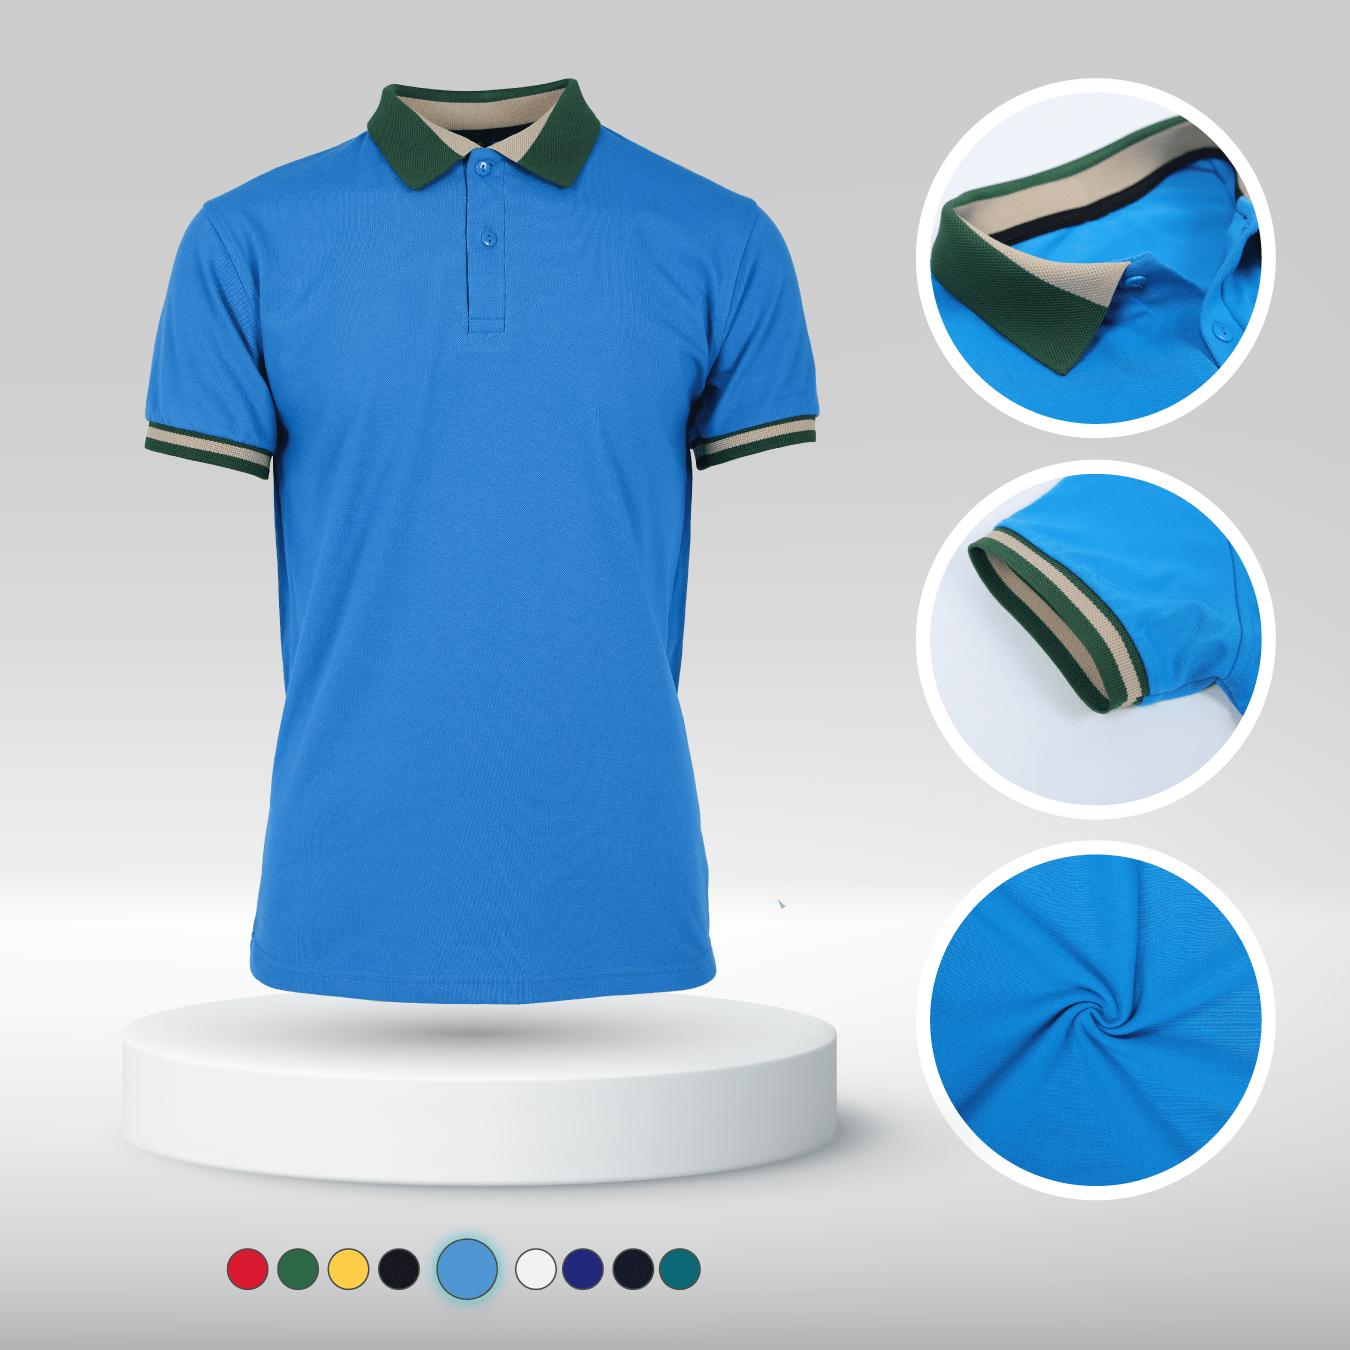 Áo đồng phục màu xanh dương